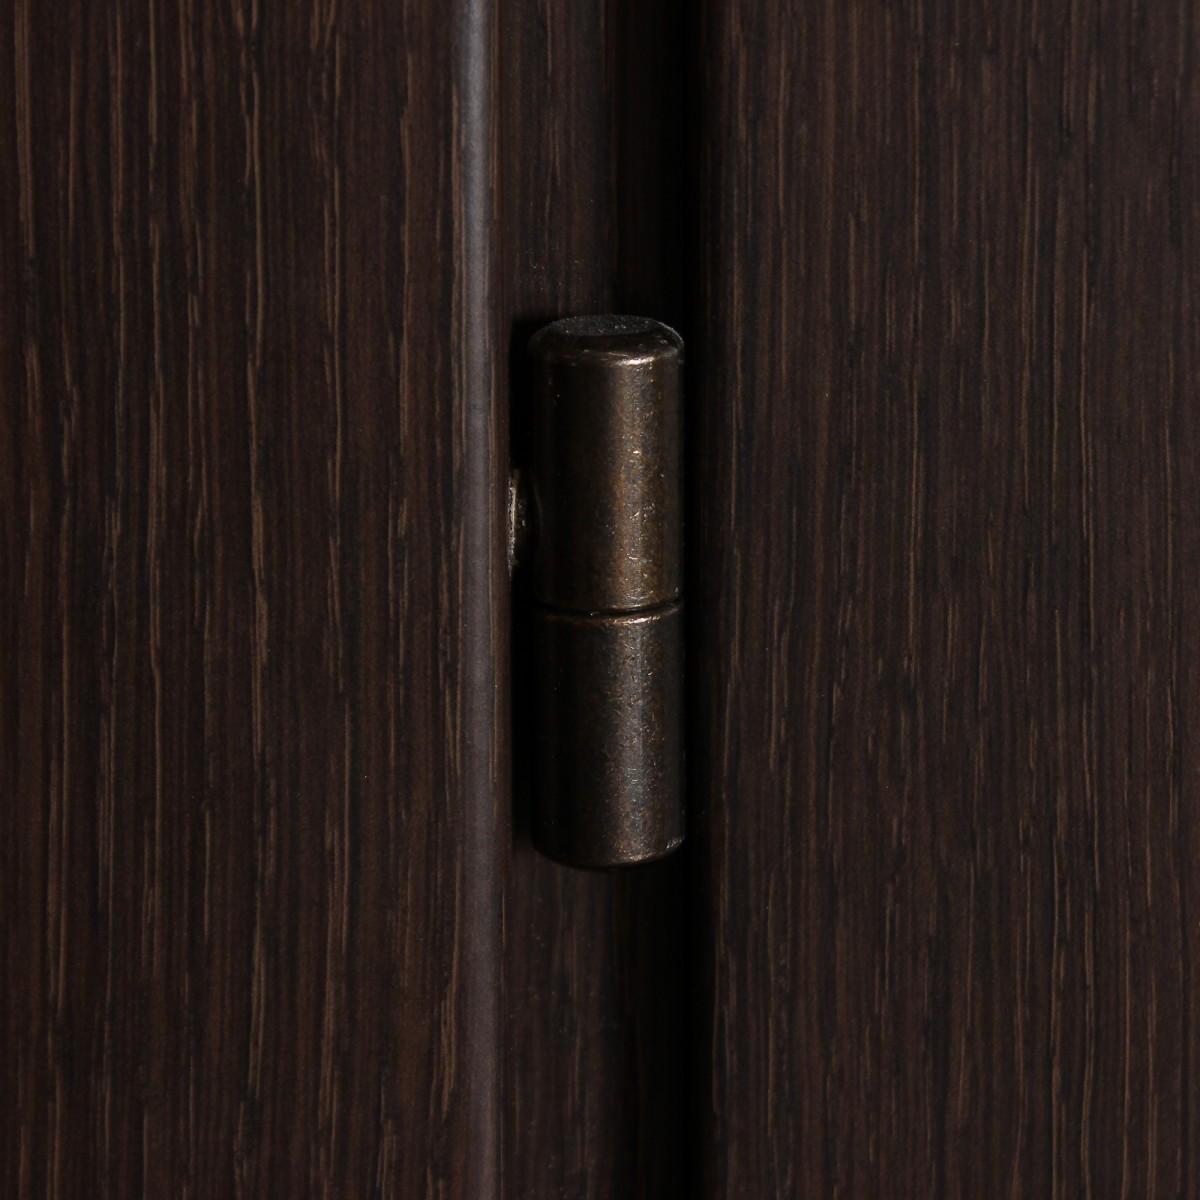 Дверь Межкомнатная Остеклённая Конкорд Cpl 70x200 Цвет Черный Дуб